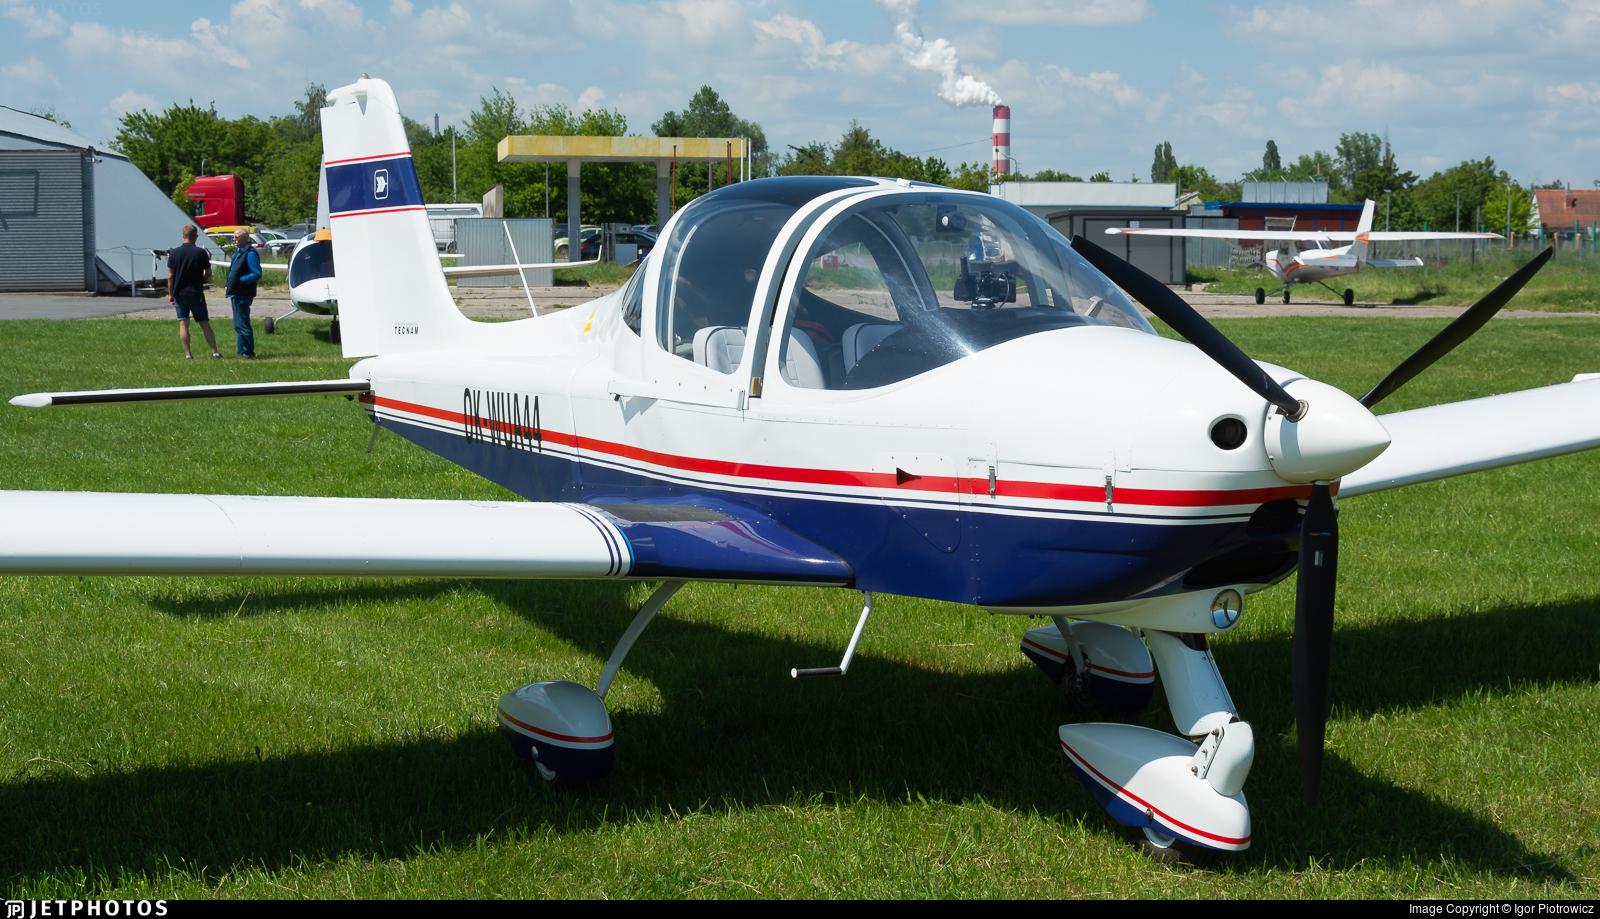 OK-WUA44 - Tecnam P2002 Sierra - Private